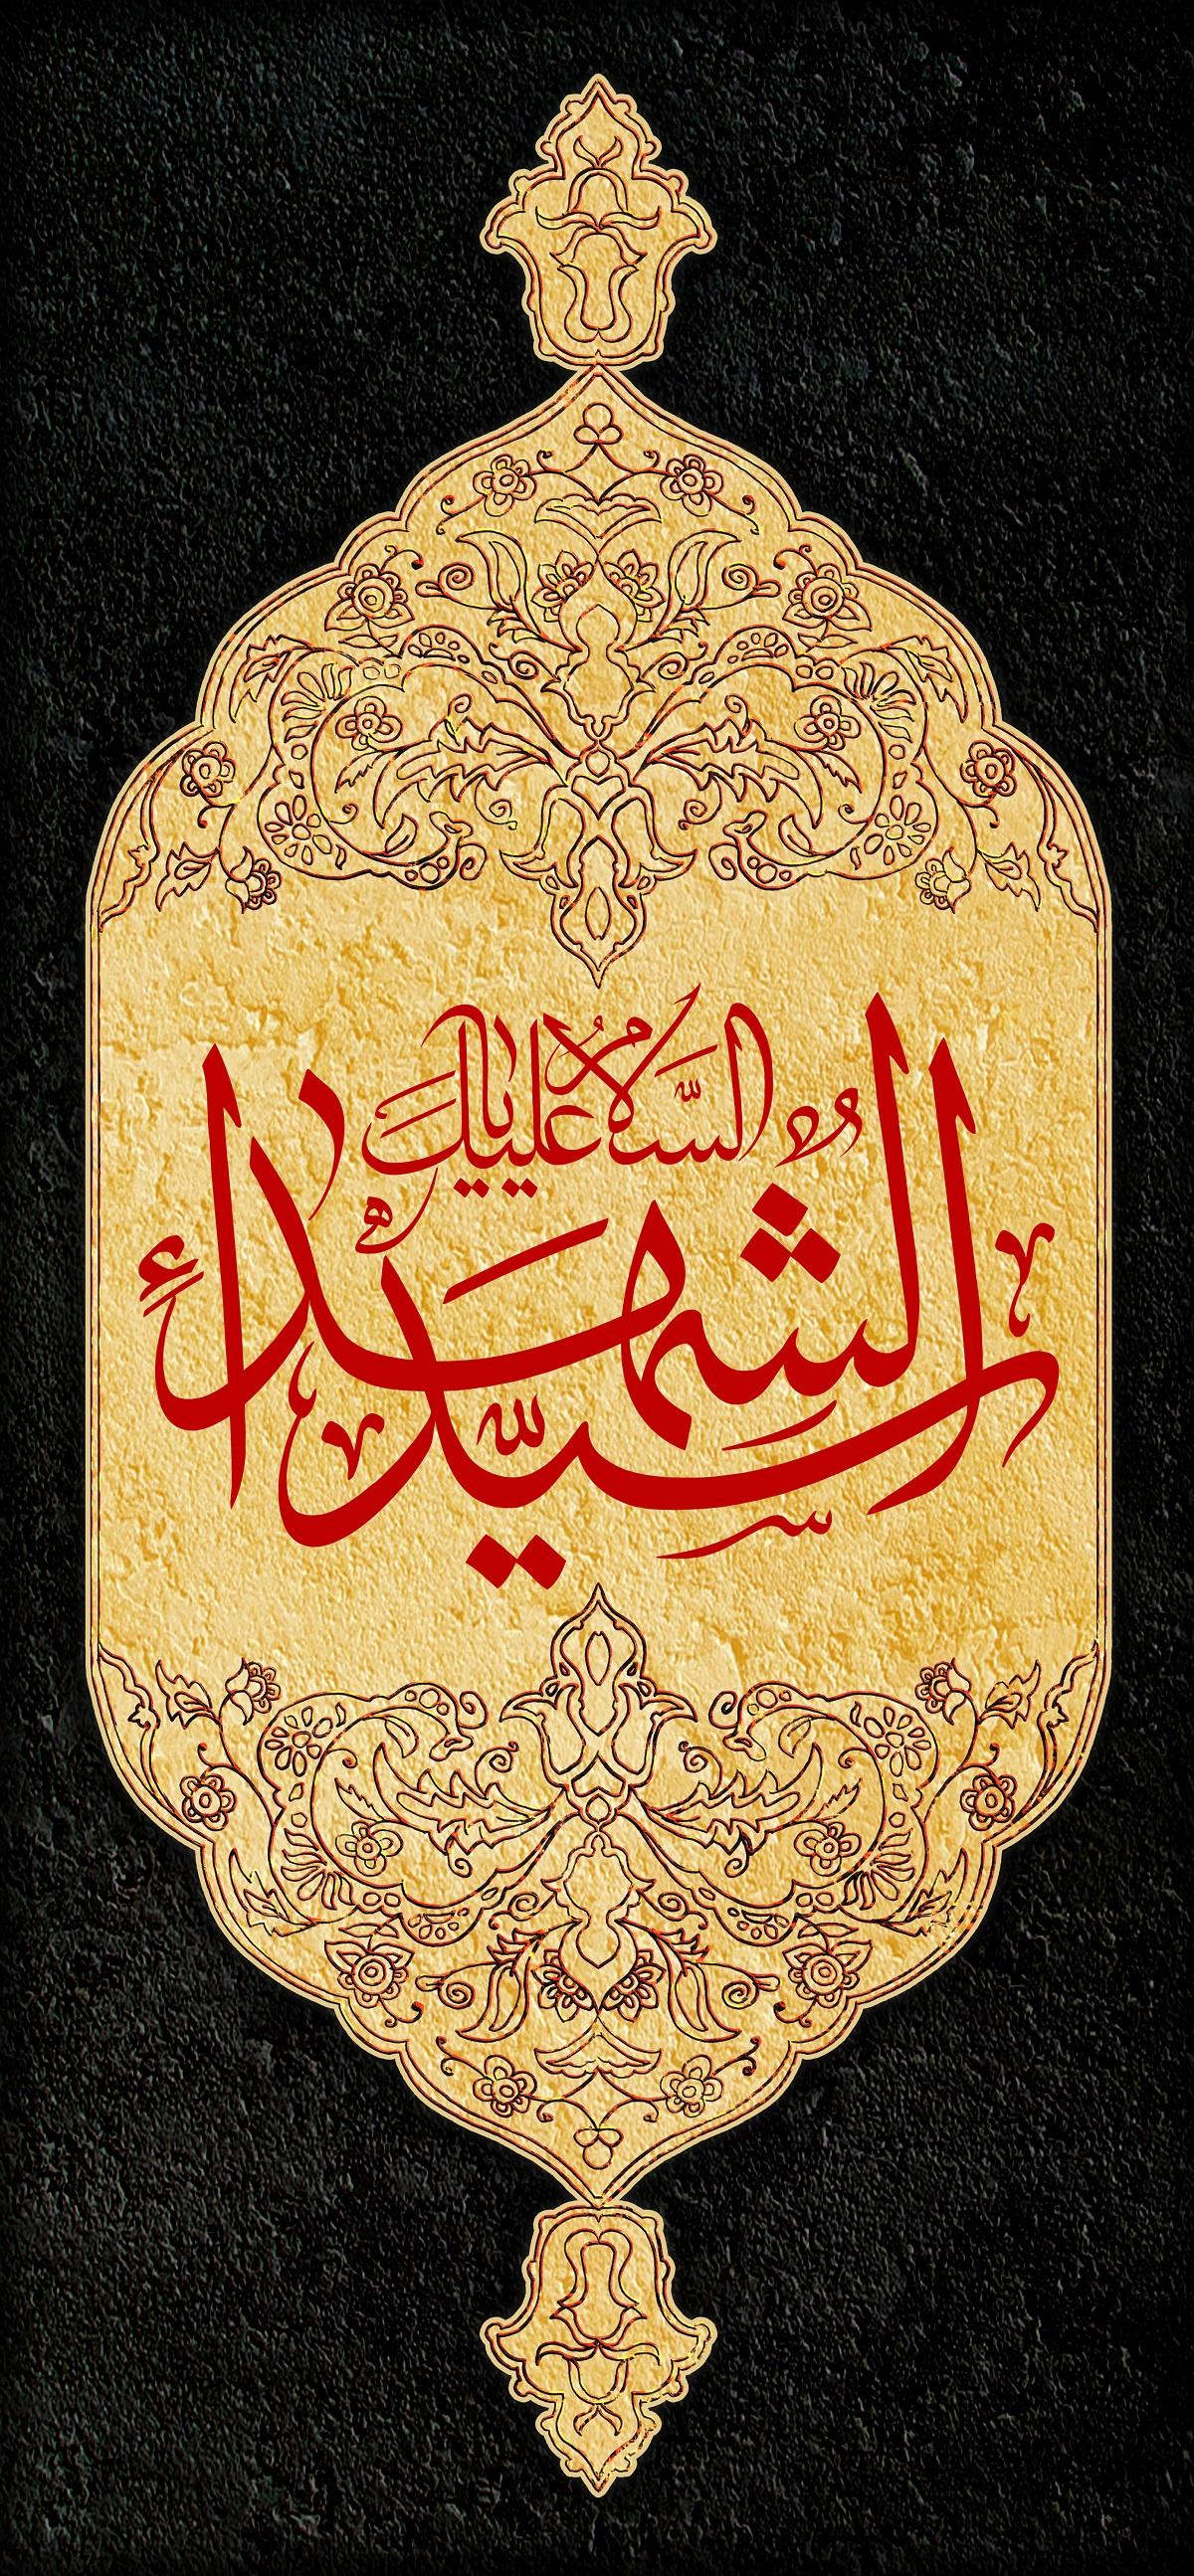 پوستر شهادت امام حسین علیه السلام (32)